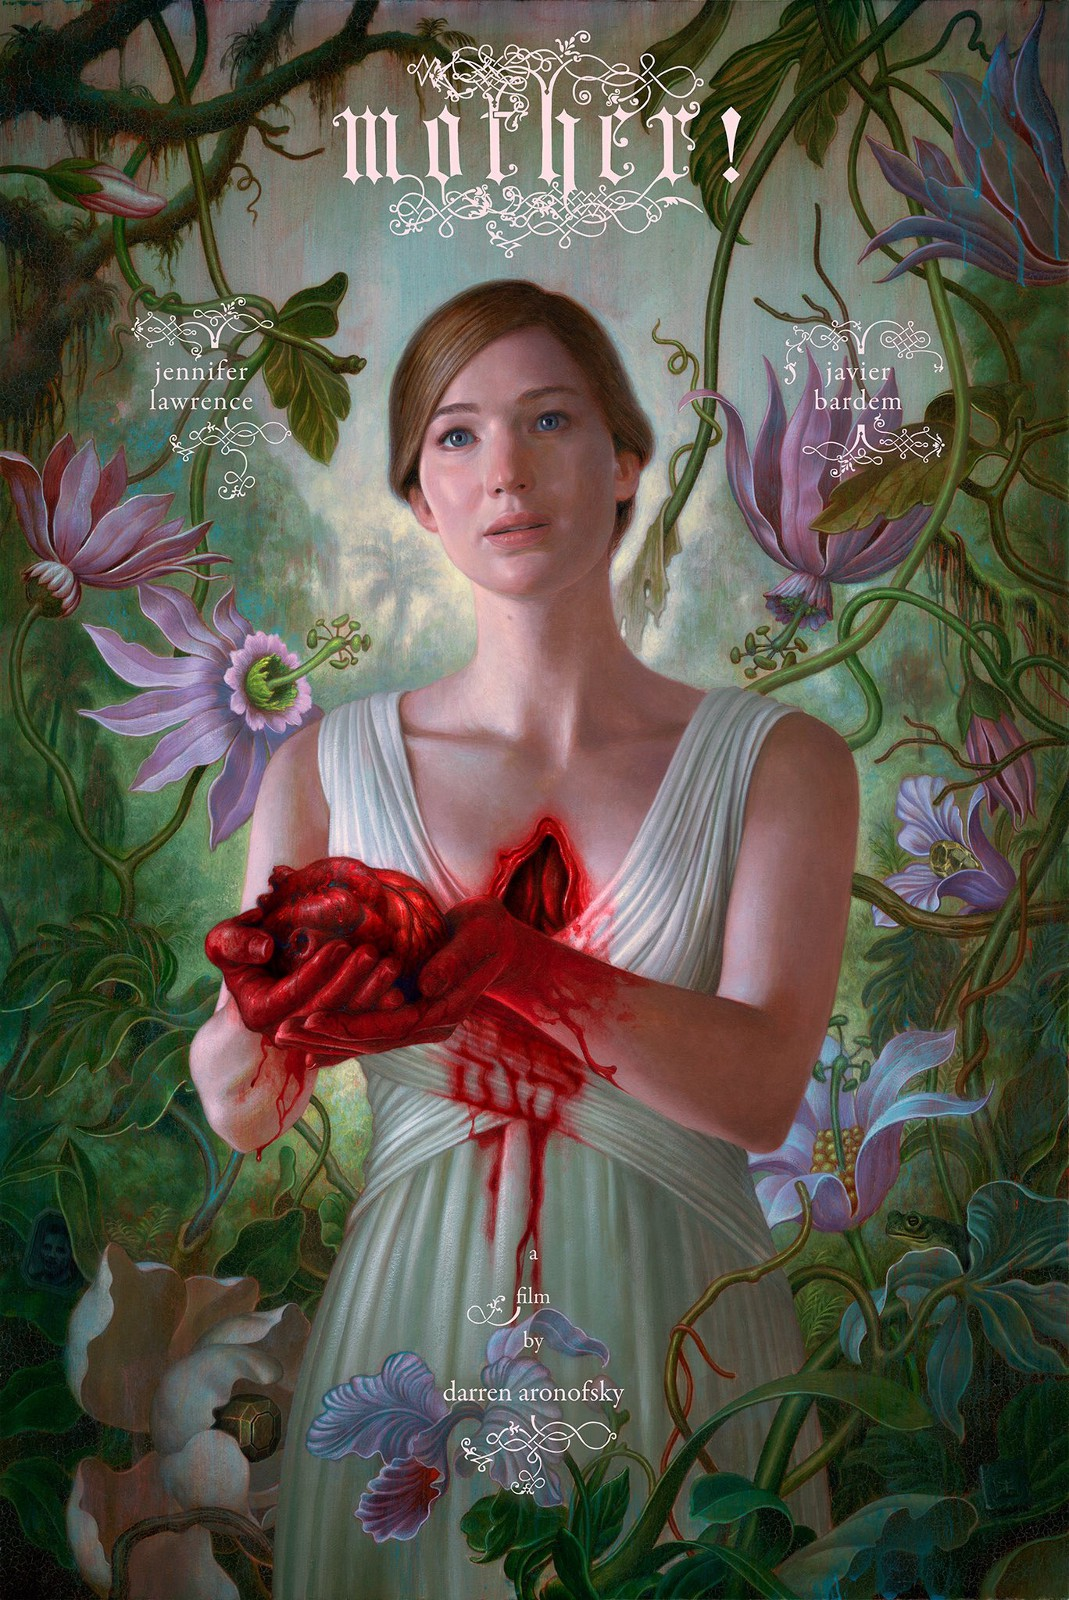 """Ser mulher: uma análise do filme """"Mother!"""", de Darren Aronofsky"""